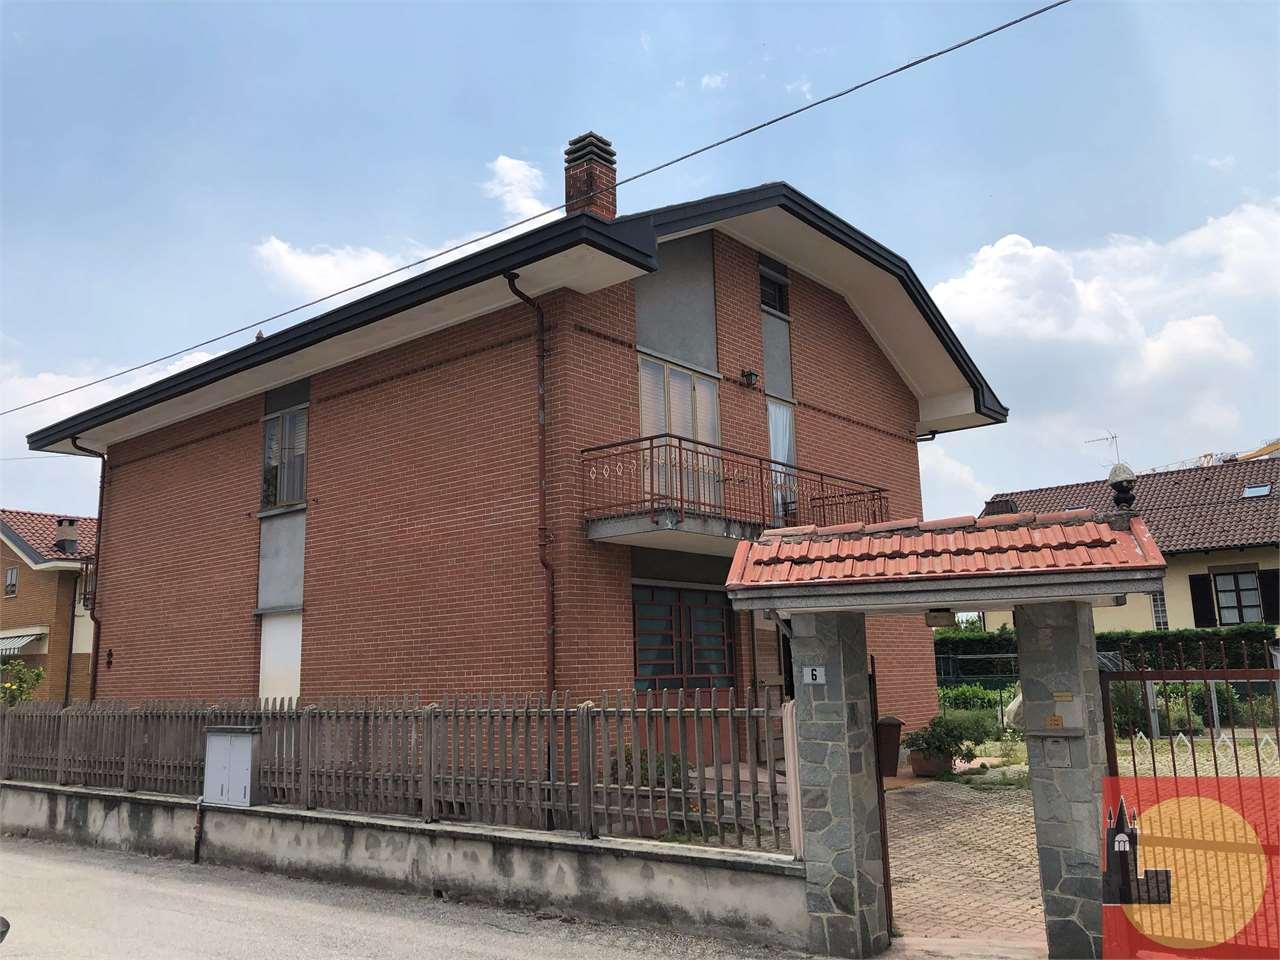 Villa Bifamiliare in vendita a Villarbasse, 4 locali, prezzo € 225.000 | PortaleAgenzieImmobiliari.it